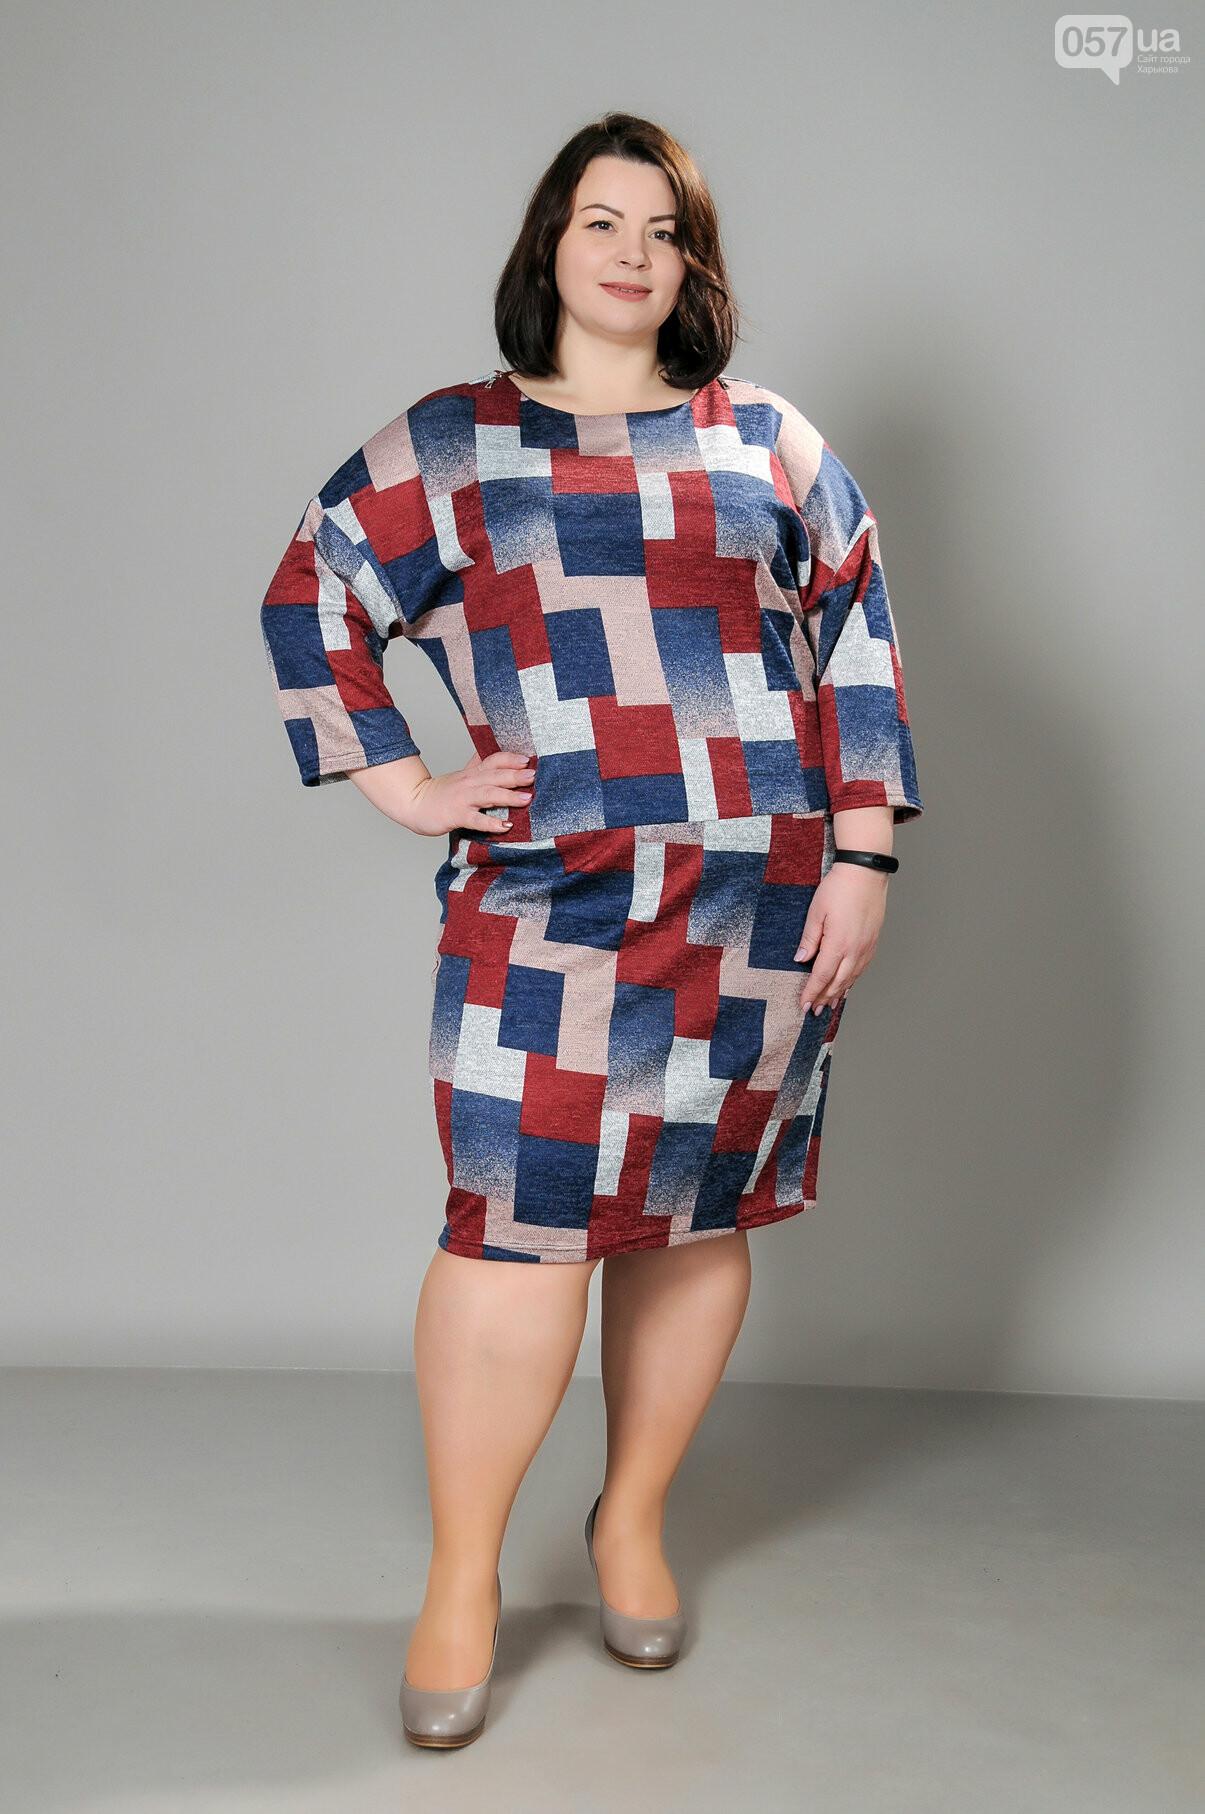 Выбираем платье большого размера, фото-1